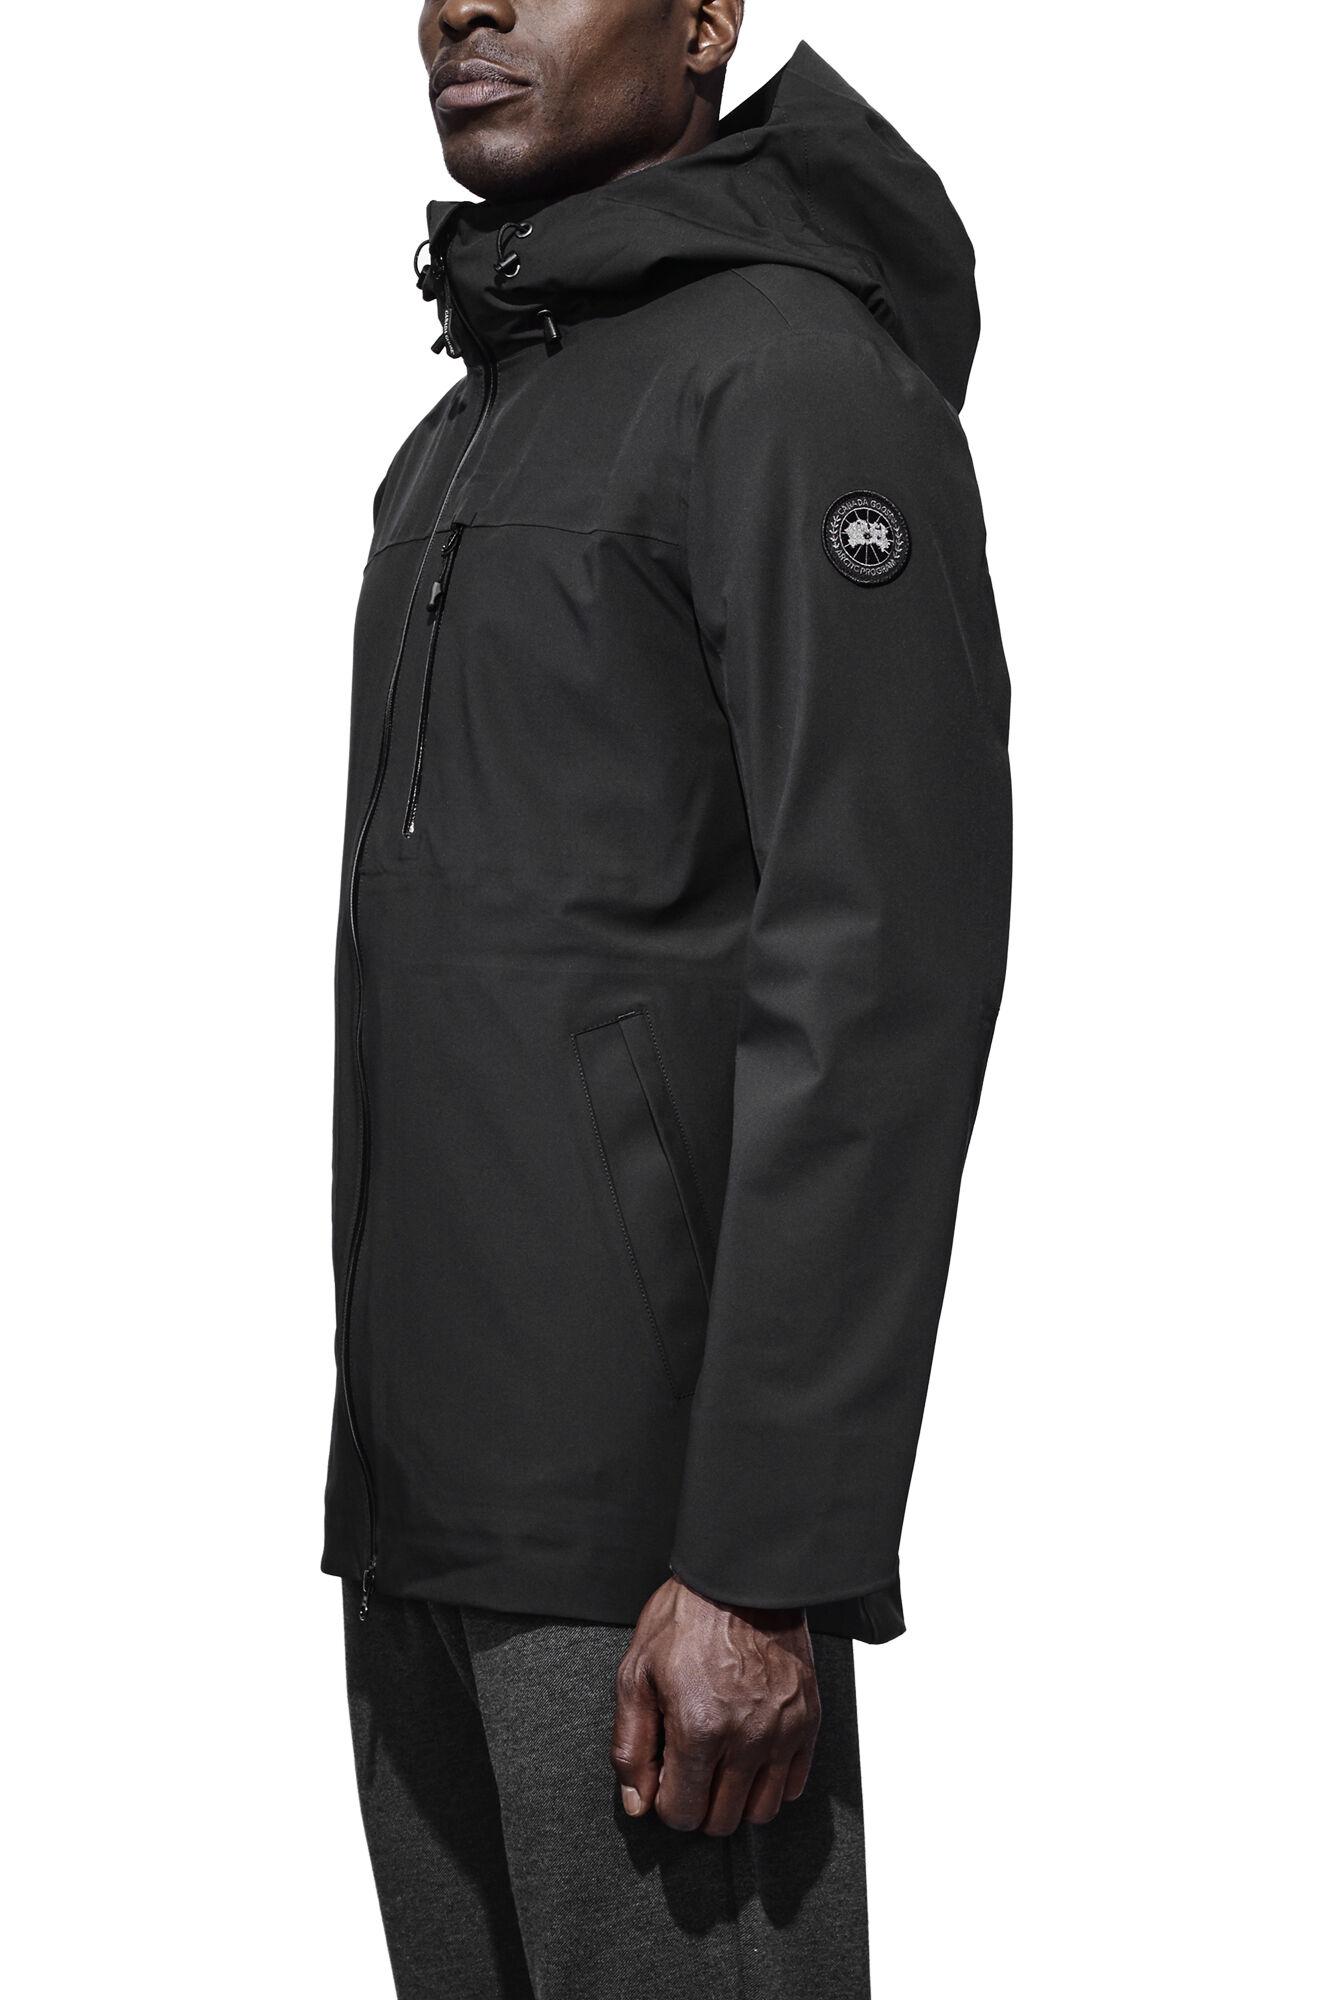 Black label canada goose jackets